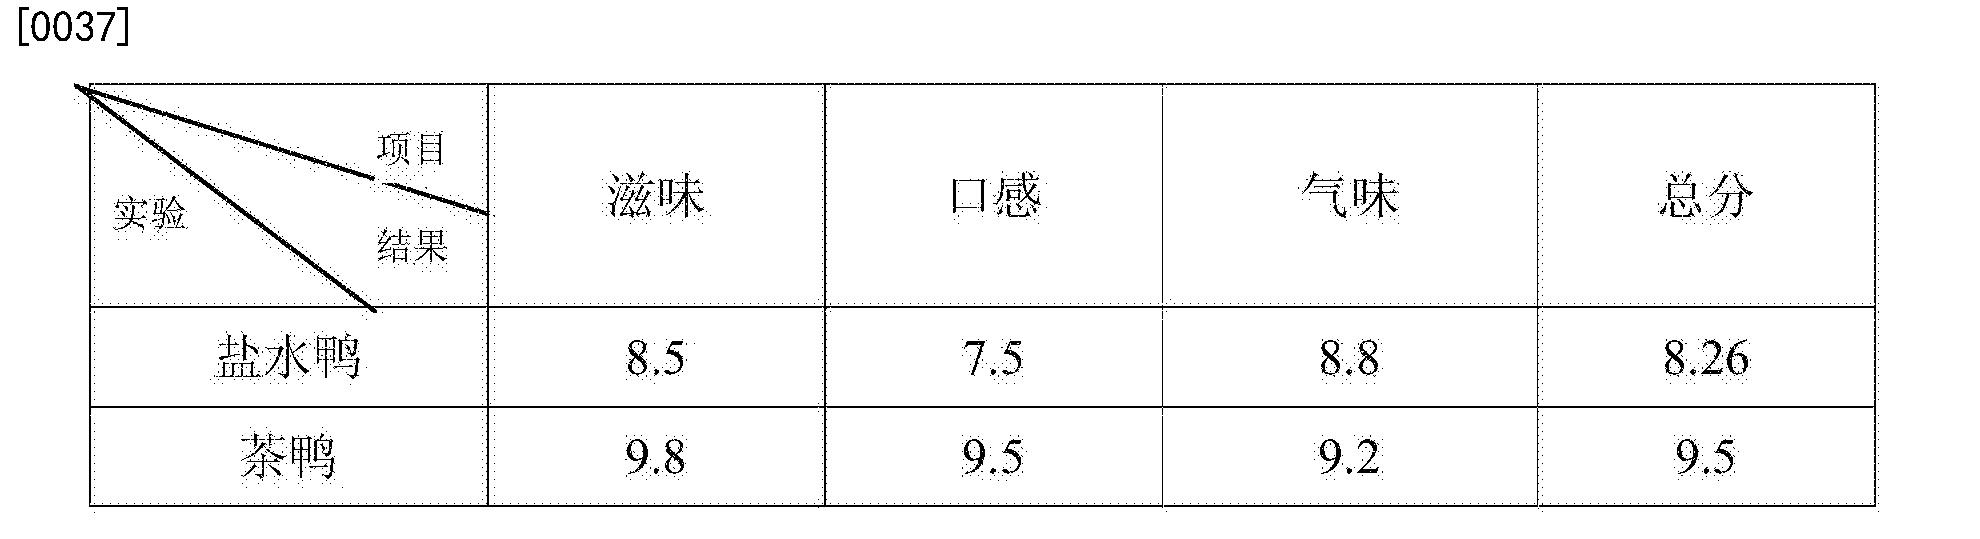 Figure CN104223158BD00062